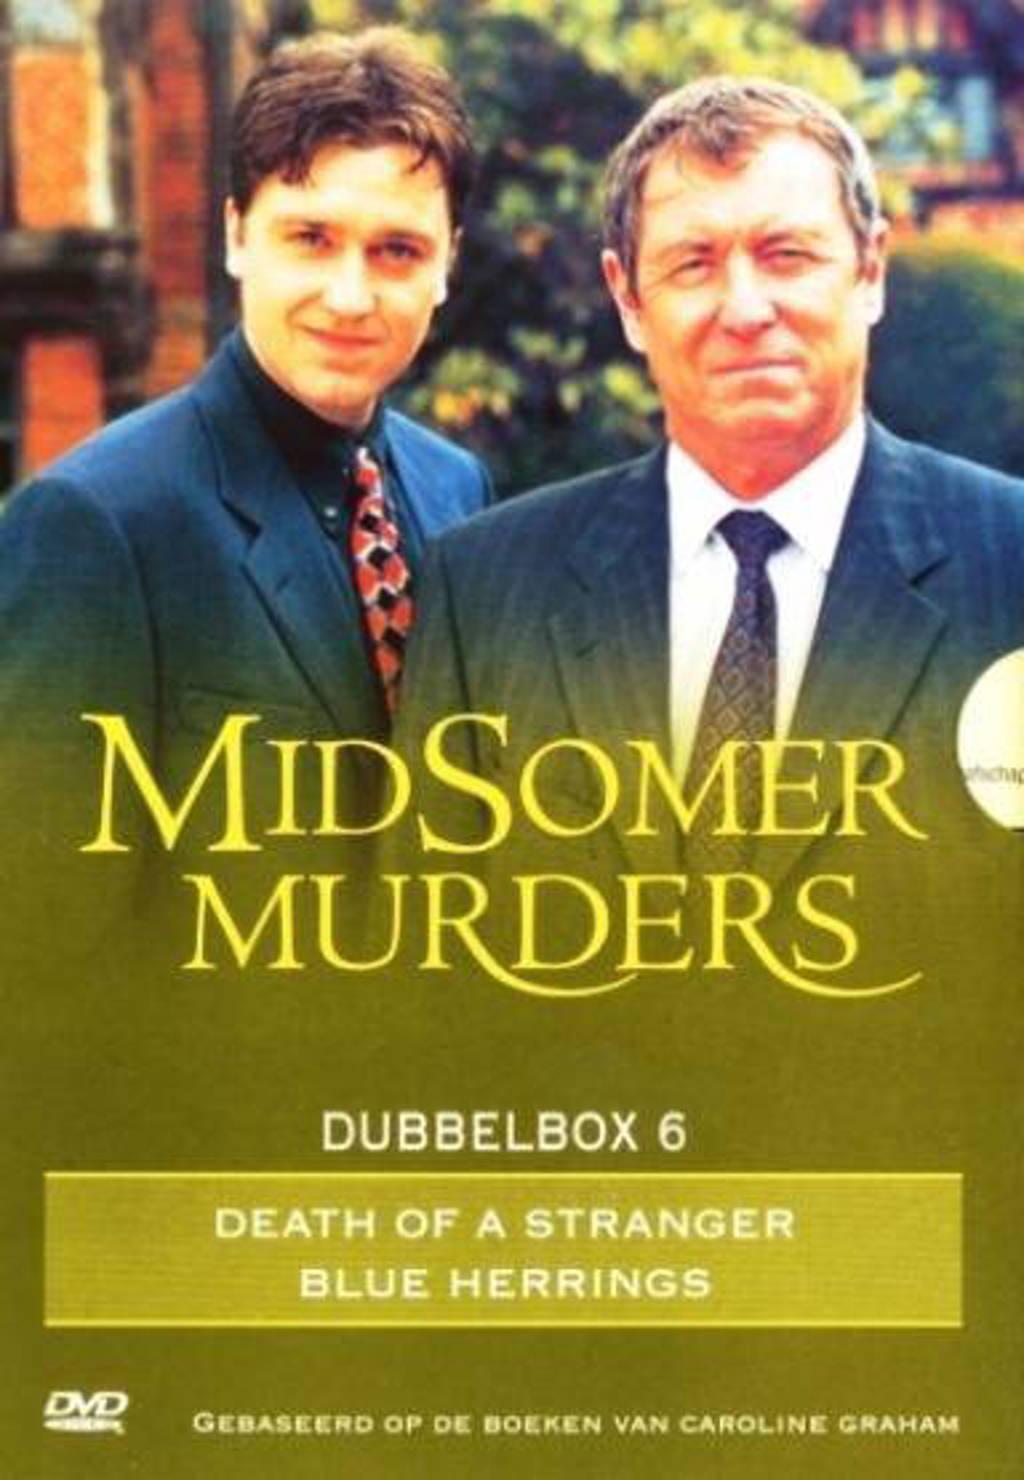 Midsomer murders - dubbelbox 6 (DVD)